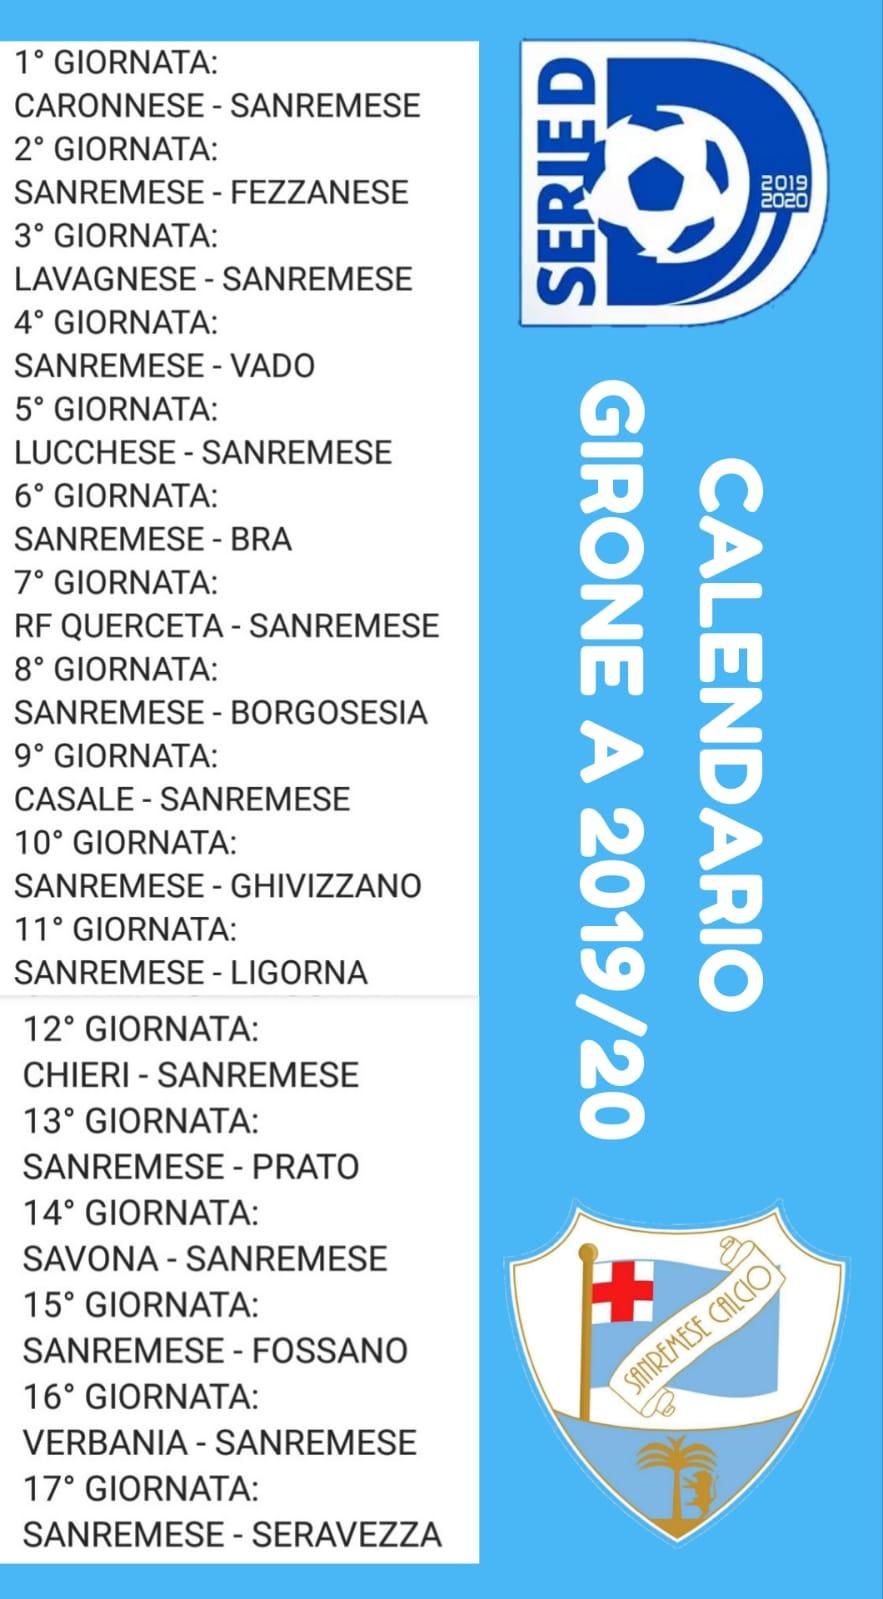 Calendario 10 Giornata Serie A.Serie D Calendario Della Stagione 2019 2020 La Sanremese